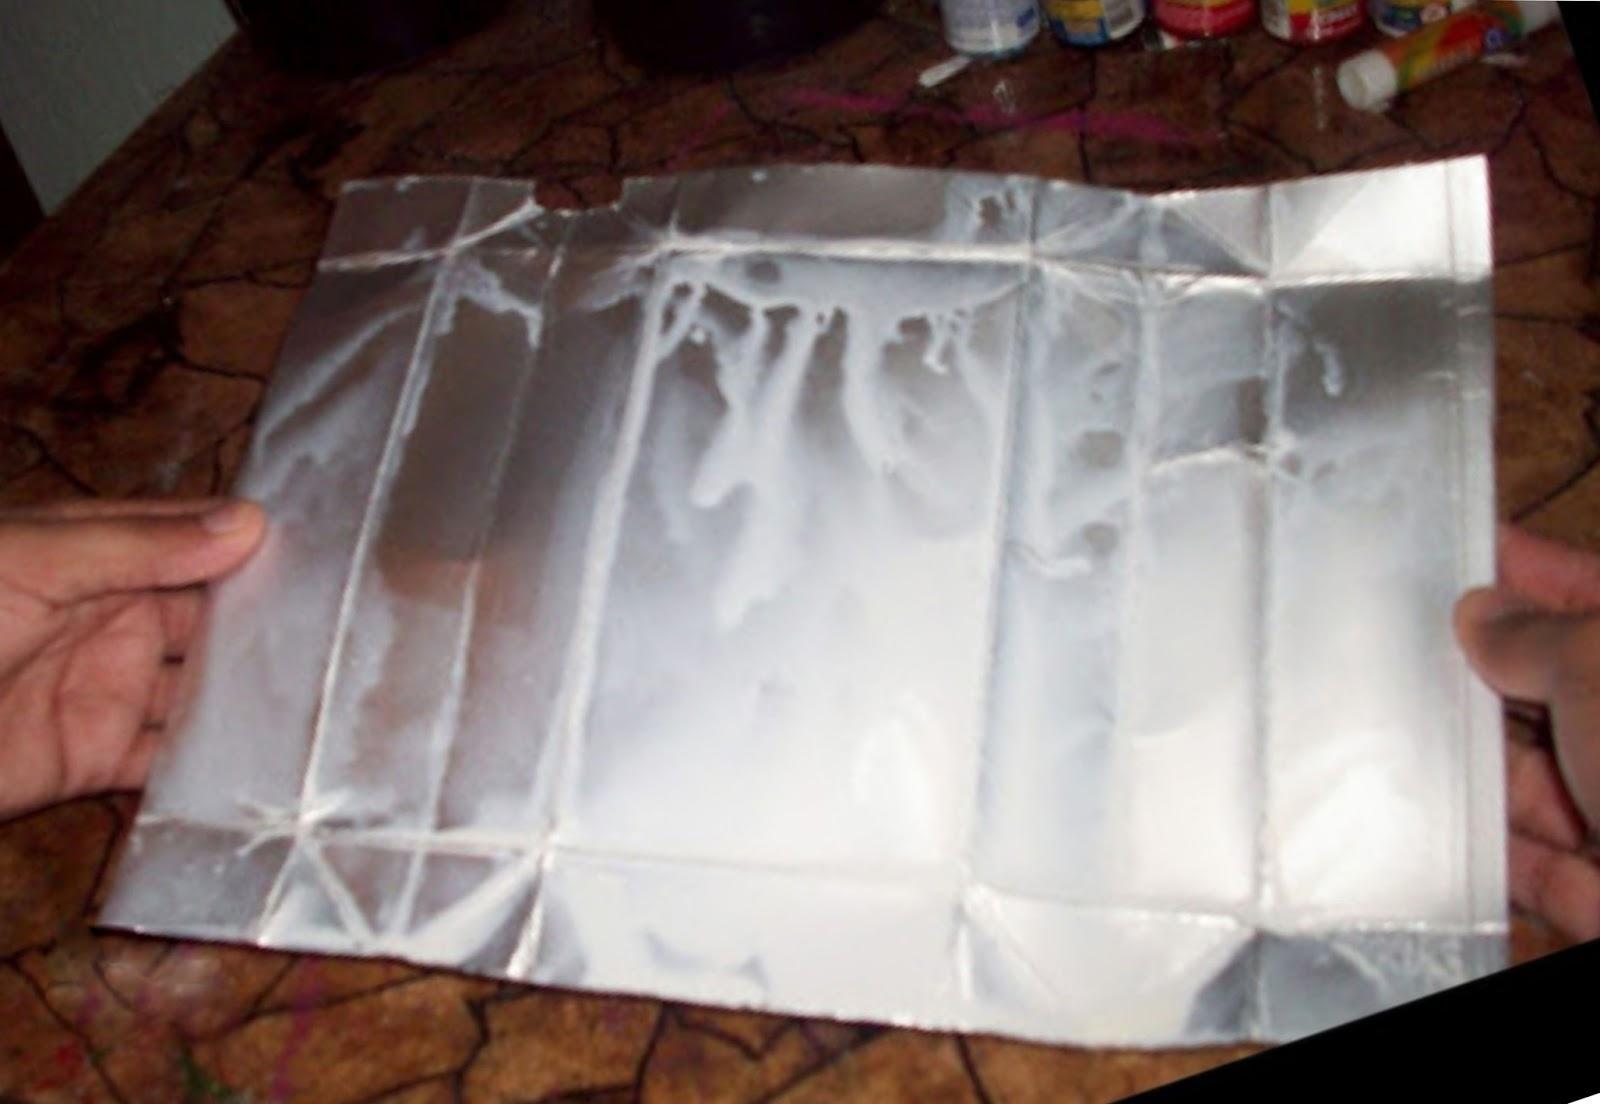 Hábito Legal: Recolhimento de caixinhas Tetra Pak é nesse sábado em Videira 04